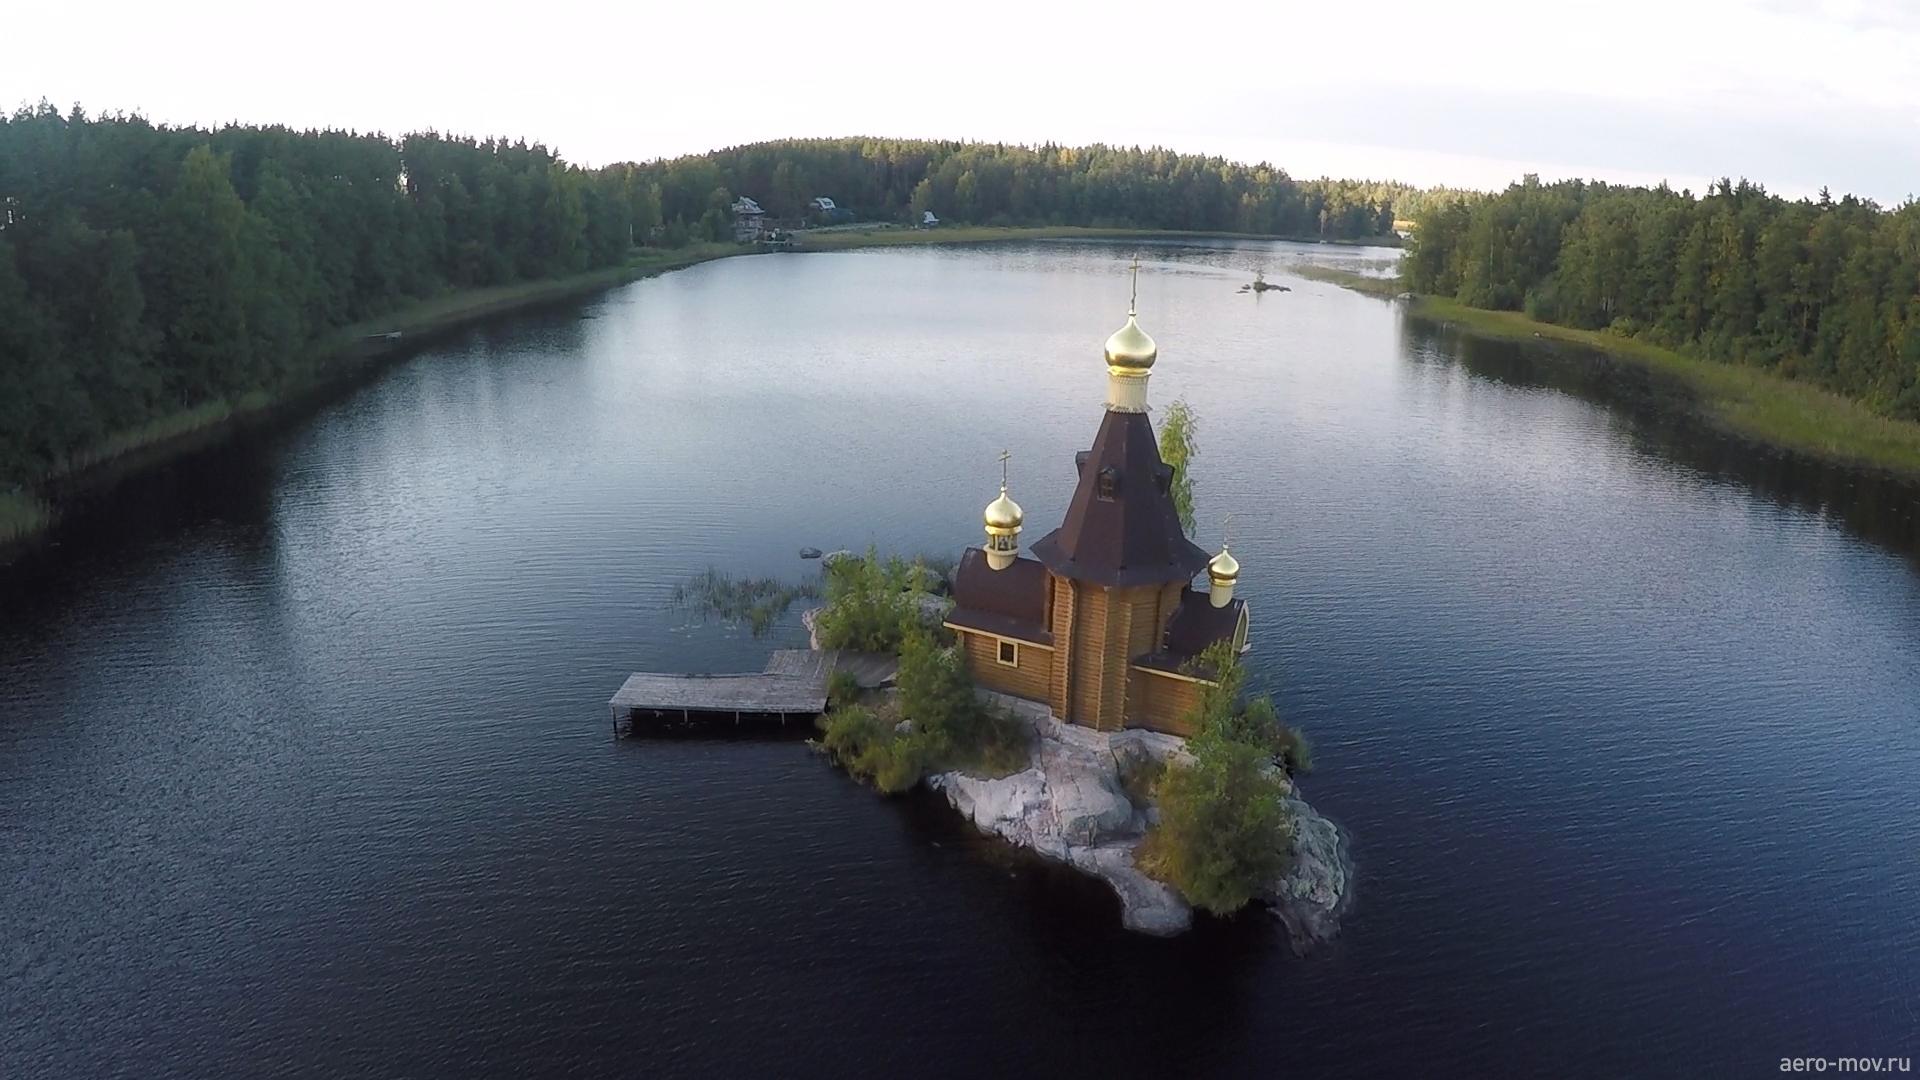 спрашивали: Как красивые места ленинградской области только